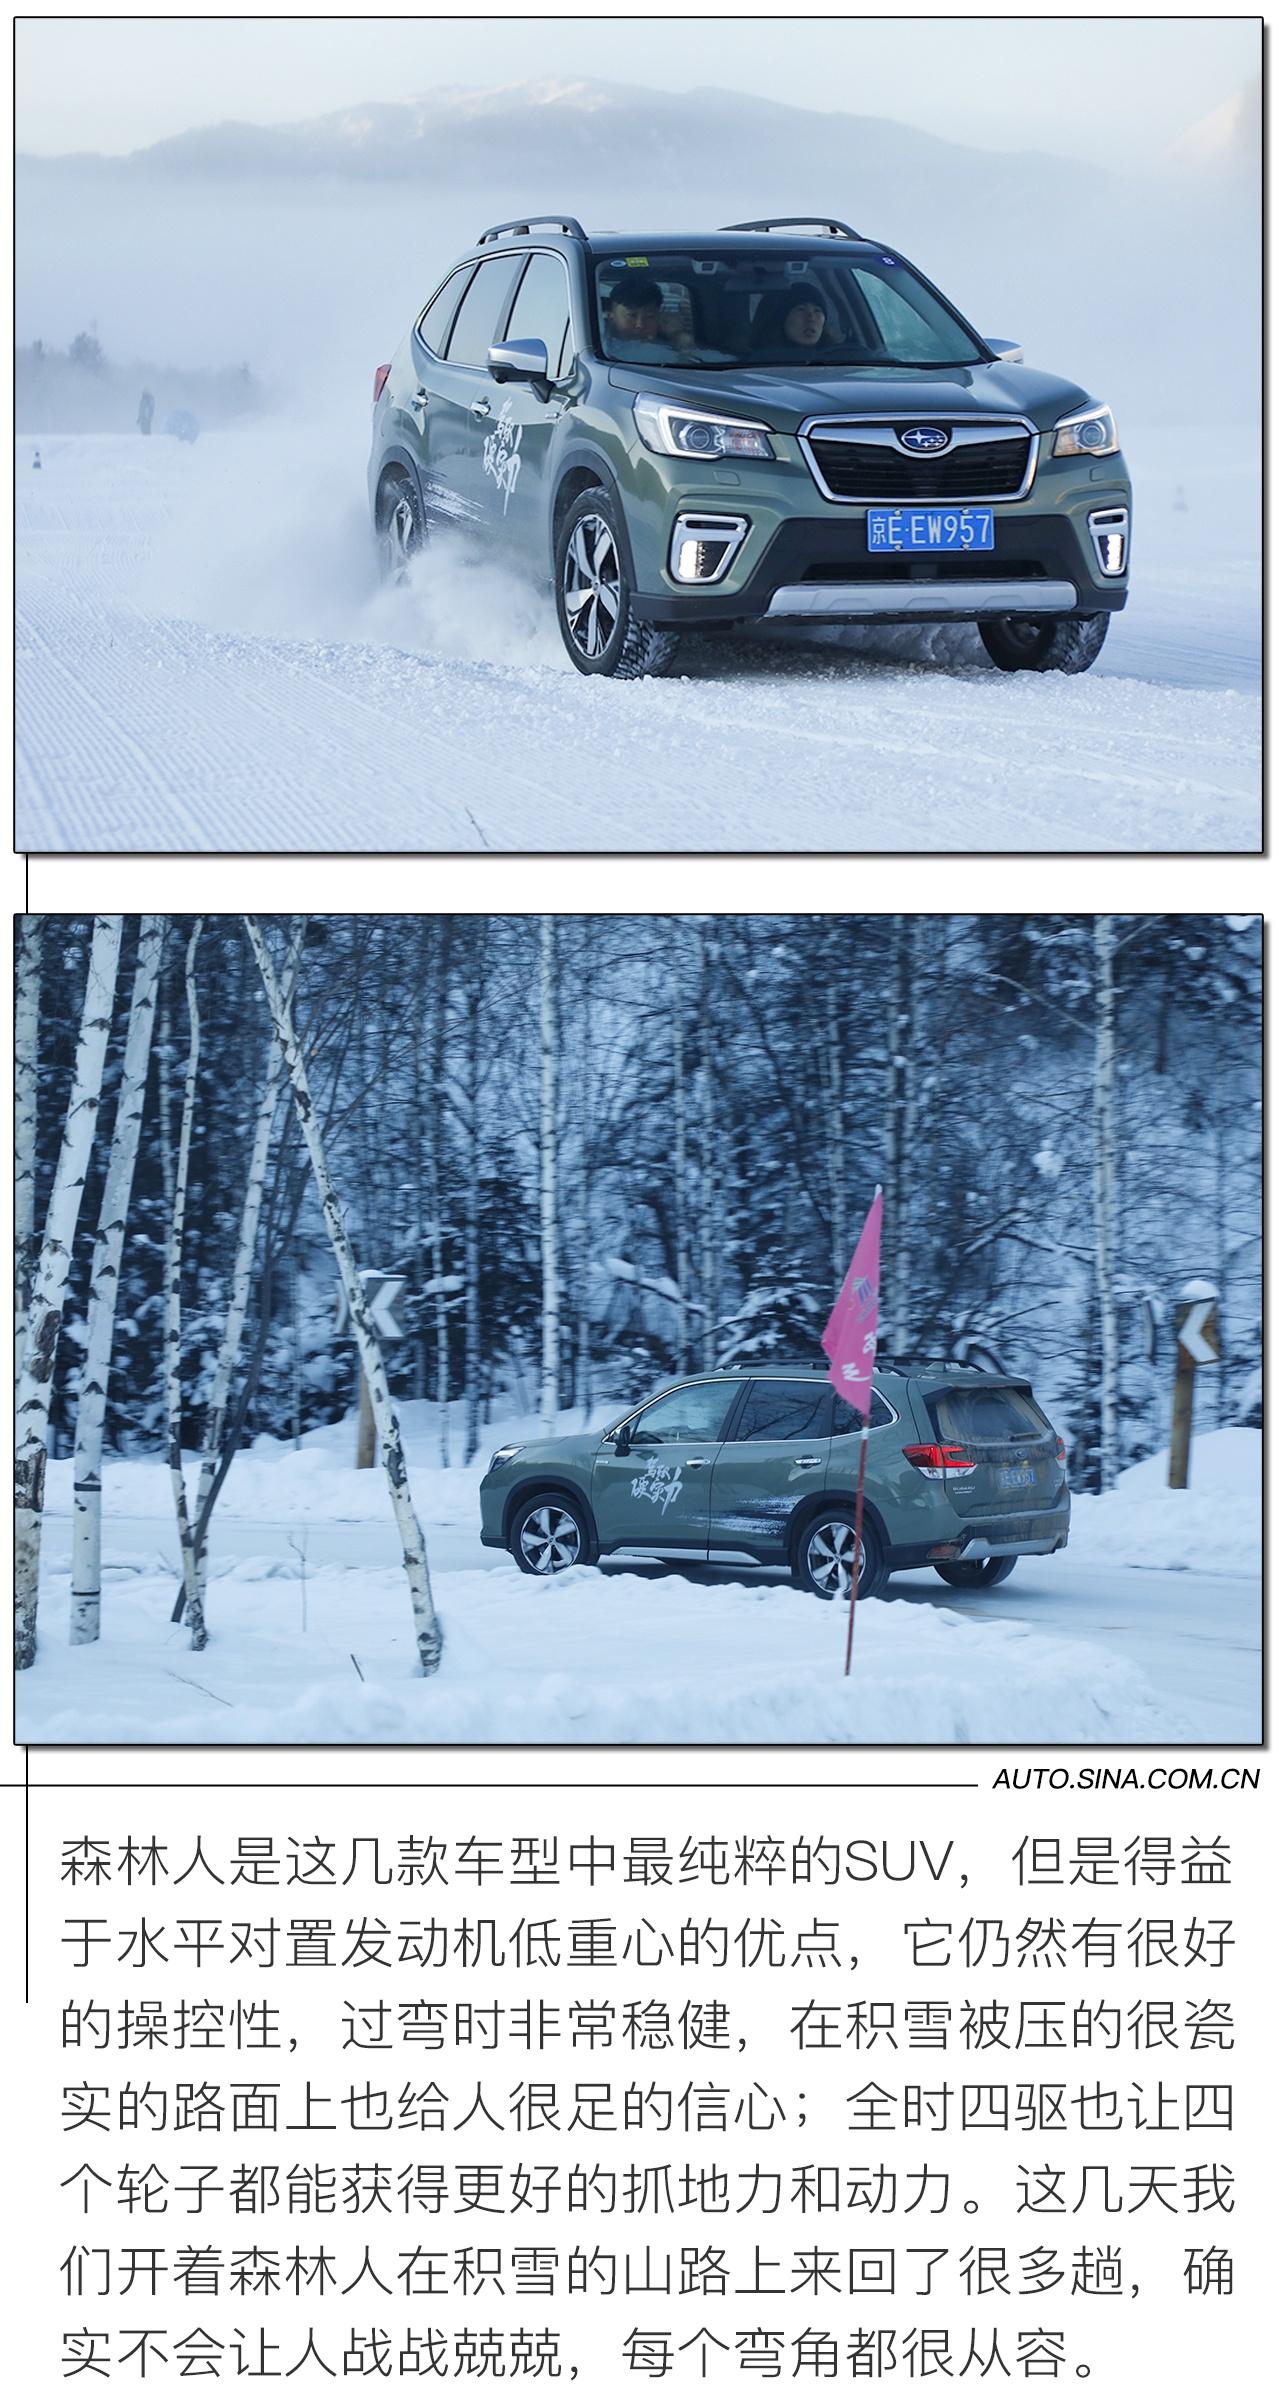 水平对置+全时四驱 冰雪体验斯巴鲁